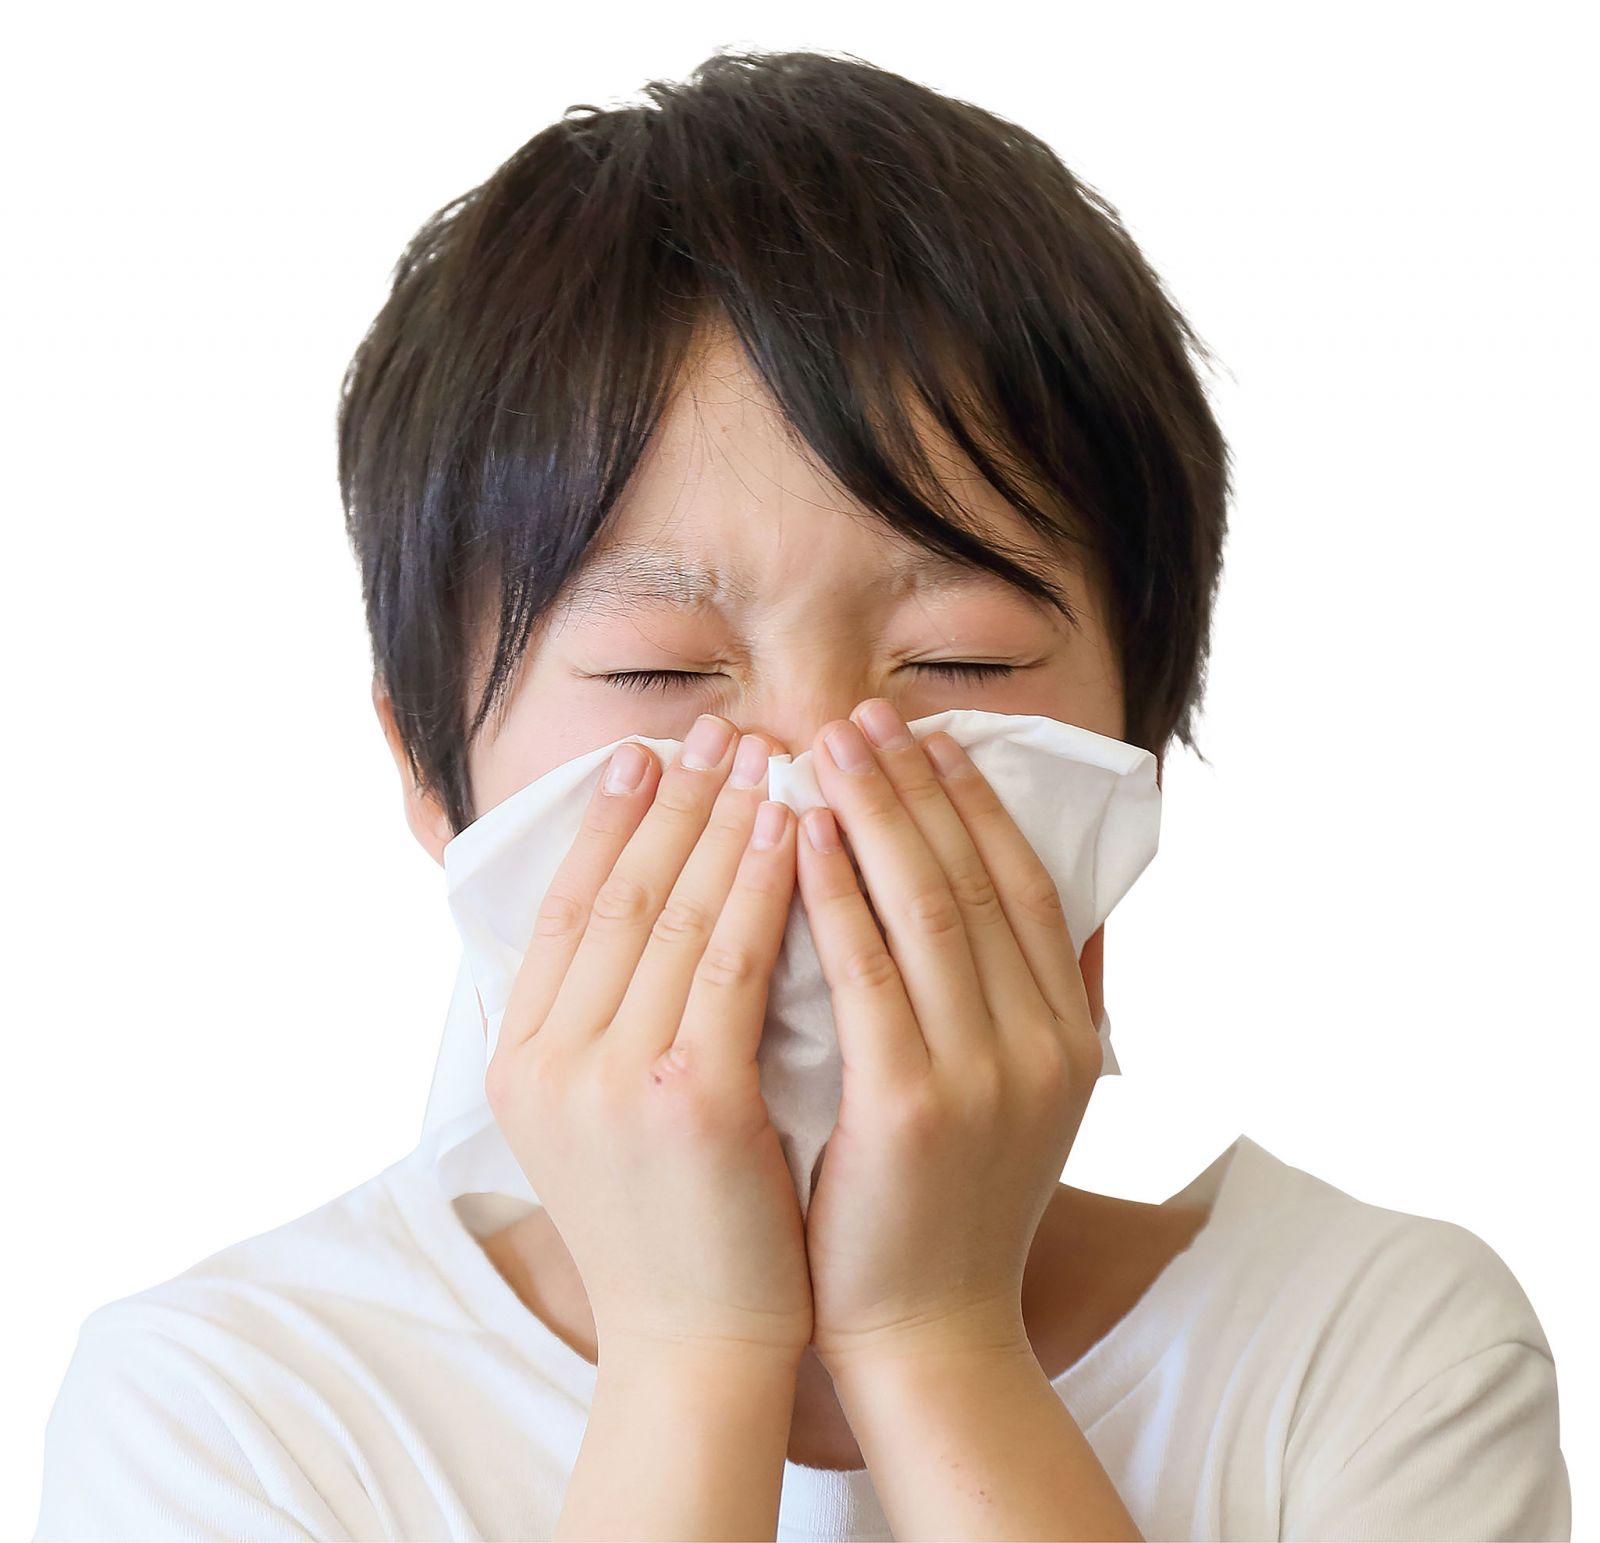 四歲童流感併發腦炎 機率百萬分之四